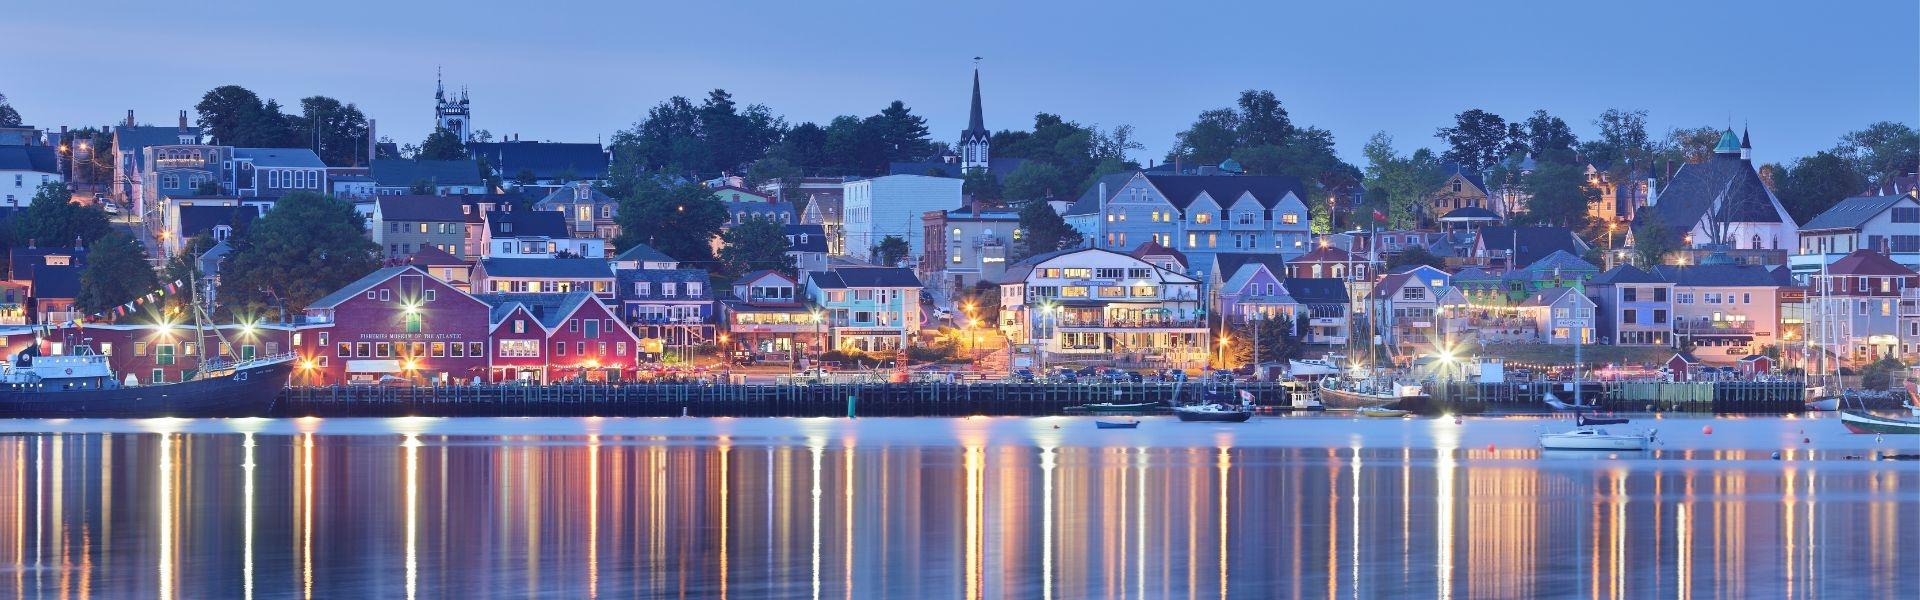 Canadian Maritime Provinces Tour